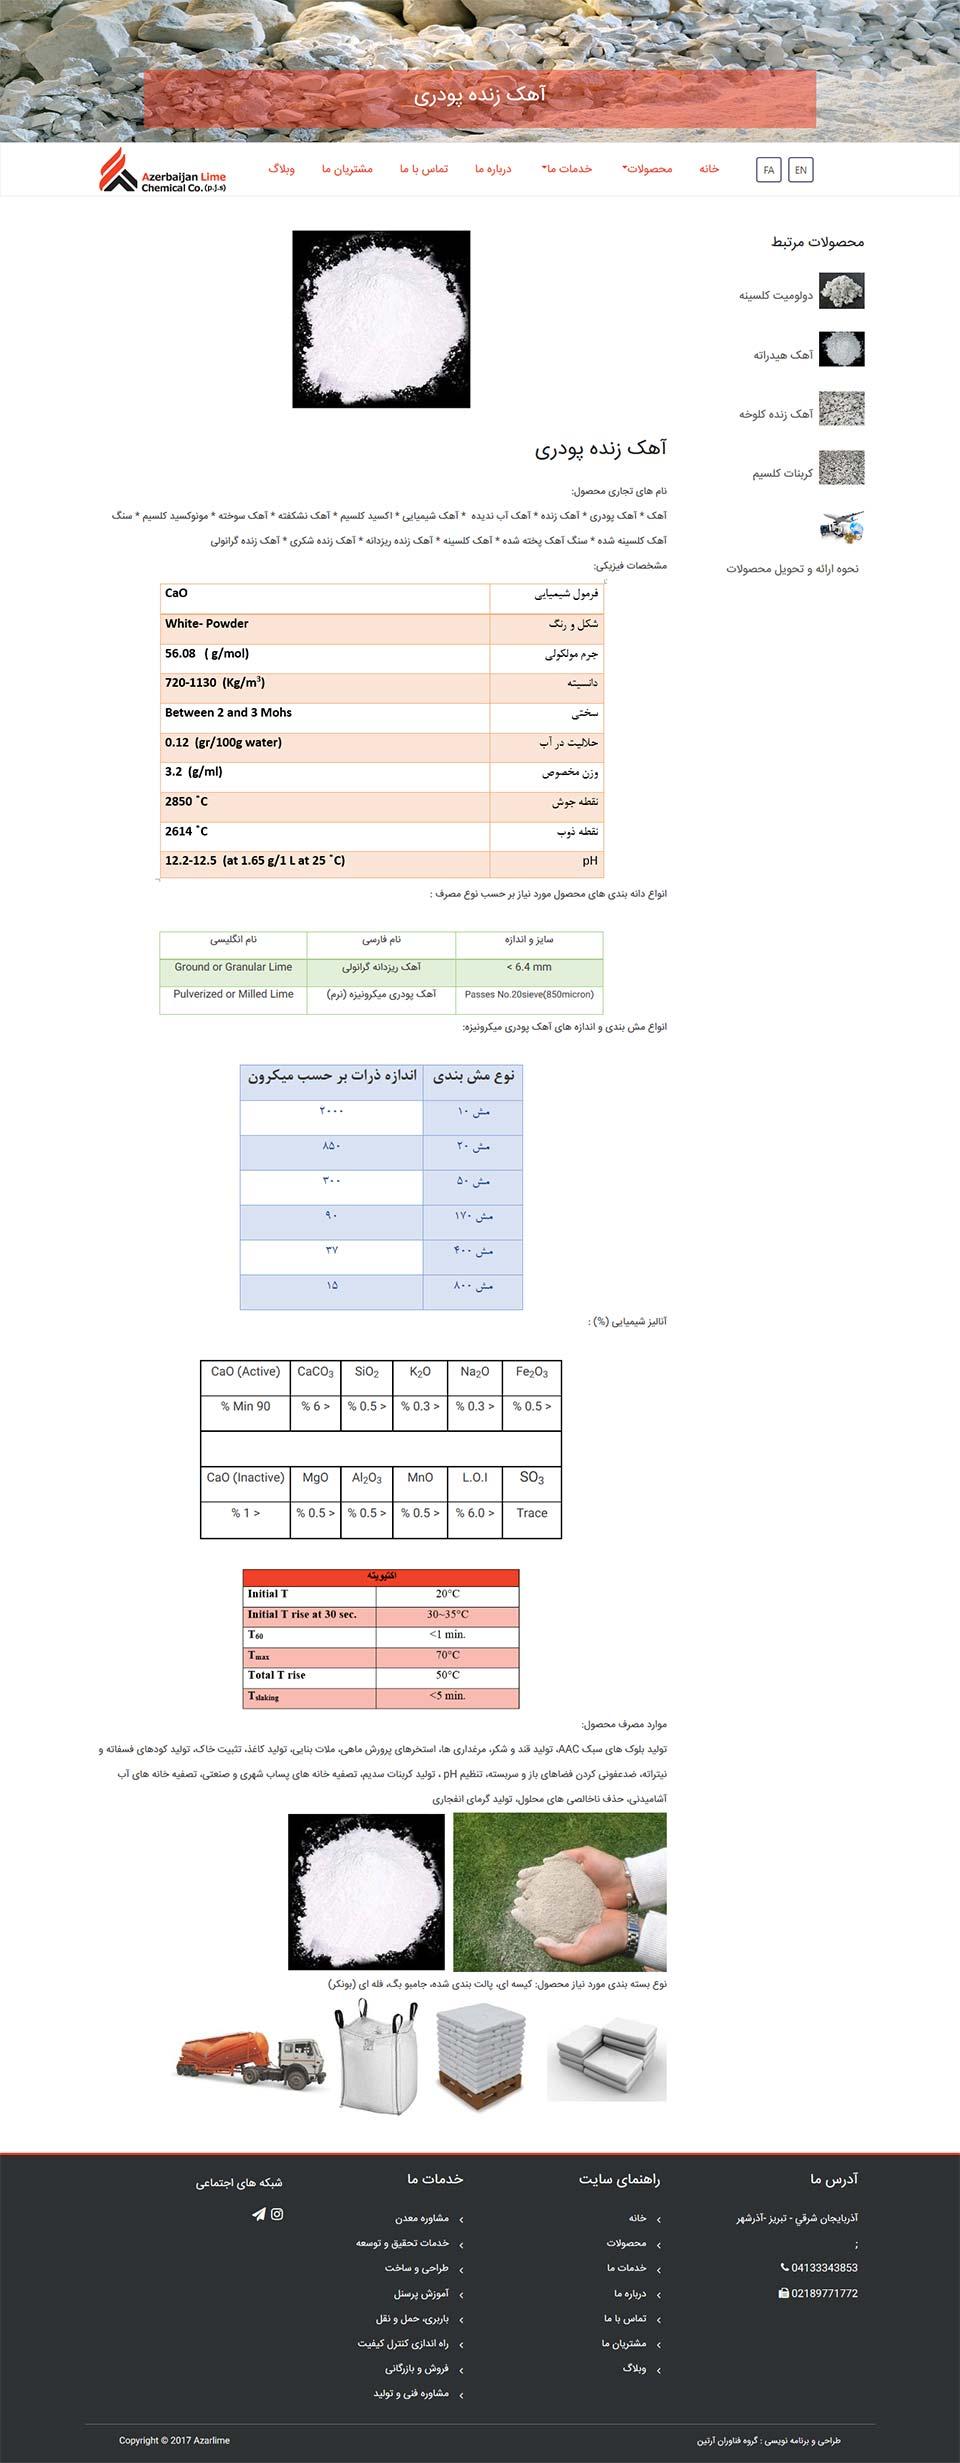 شرکت شیمی آهک آذربایجان